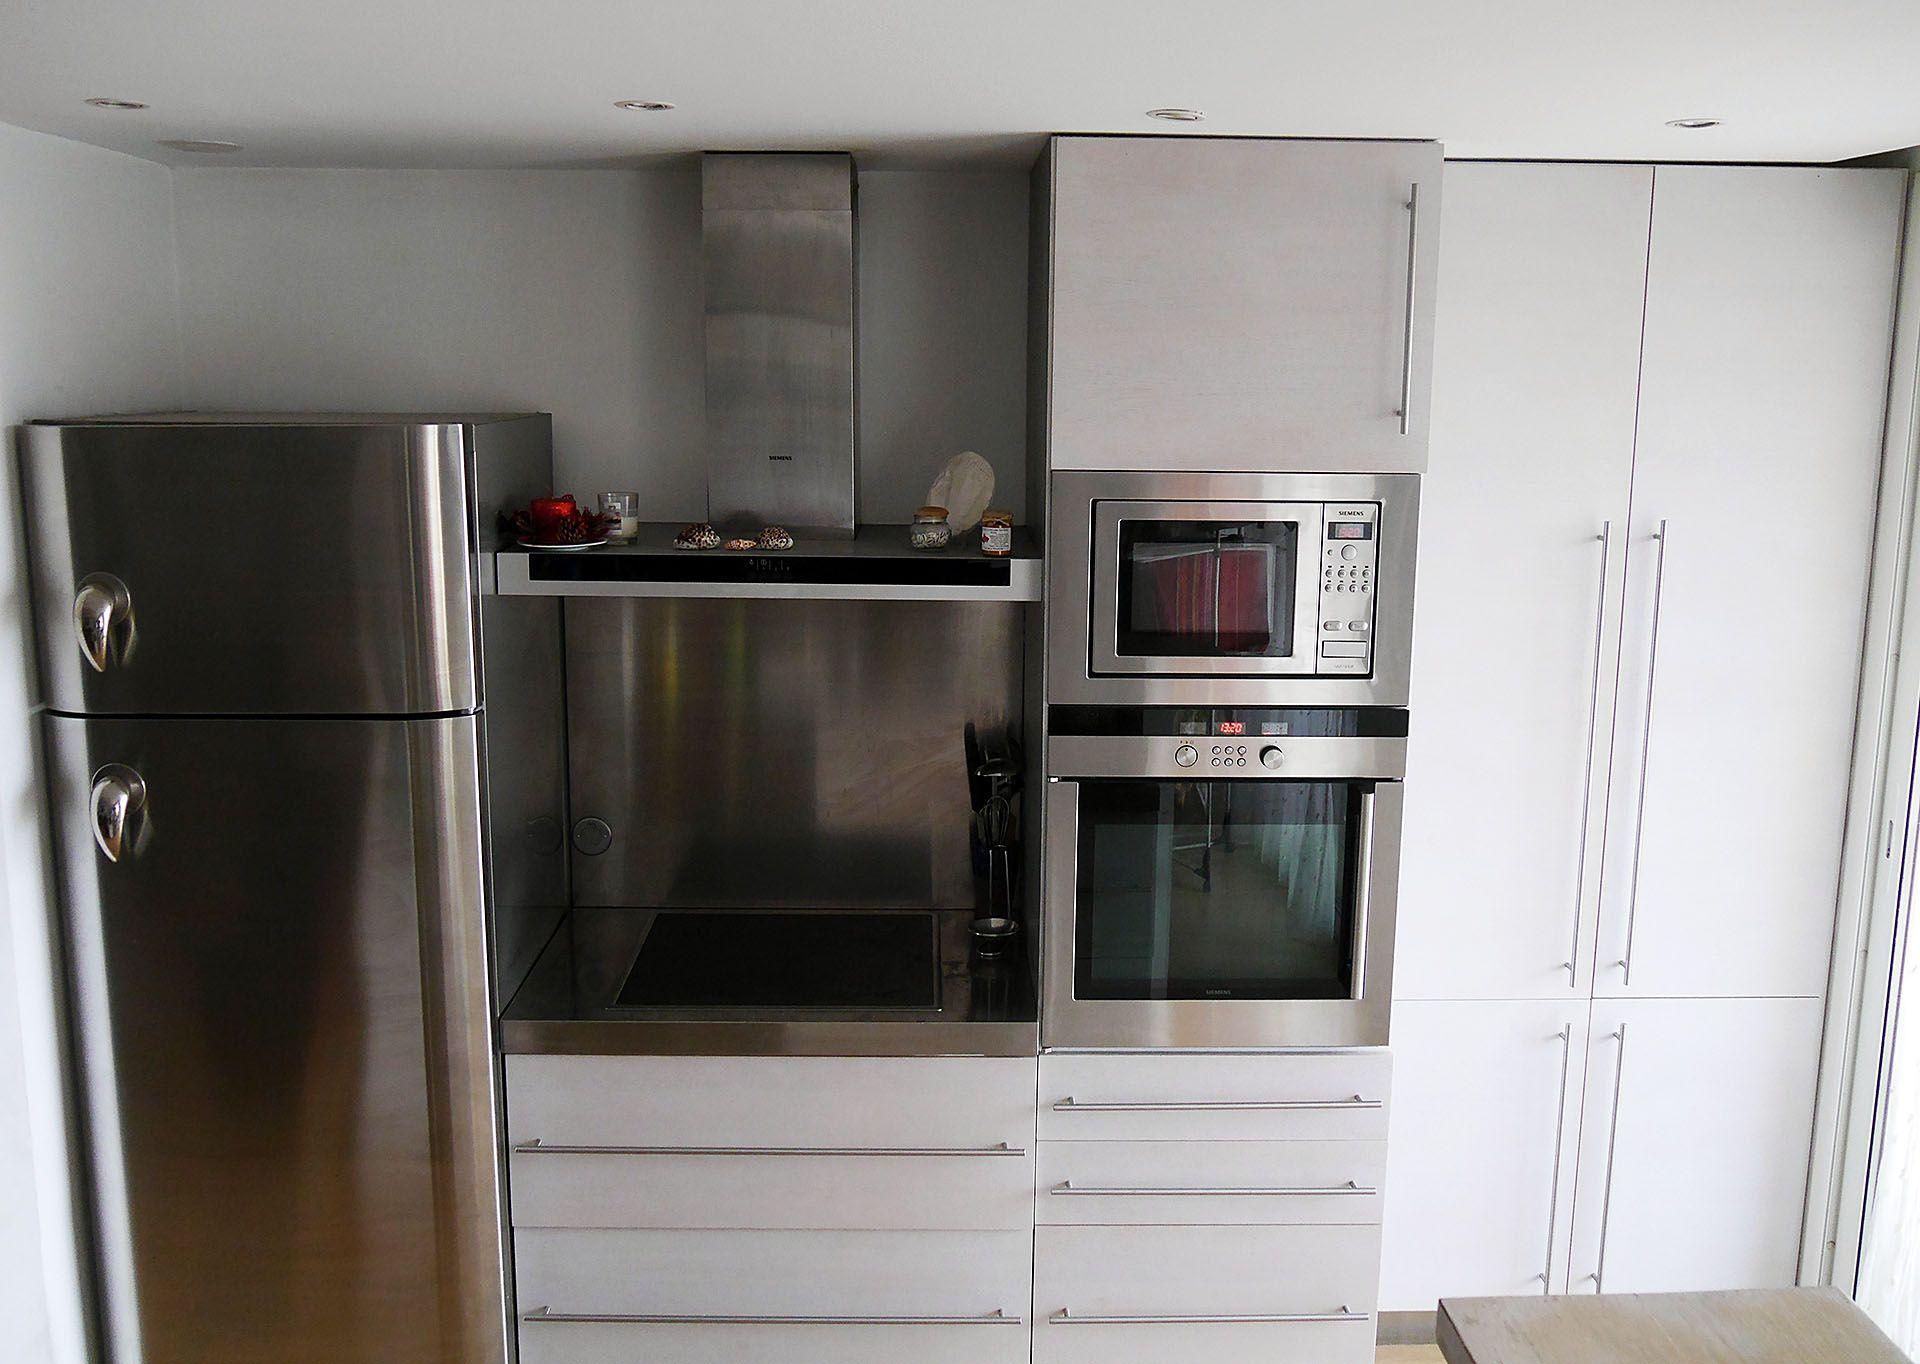 Restauration Meuble De Cuisine rénovation de meubles et cuisines et salle de bain